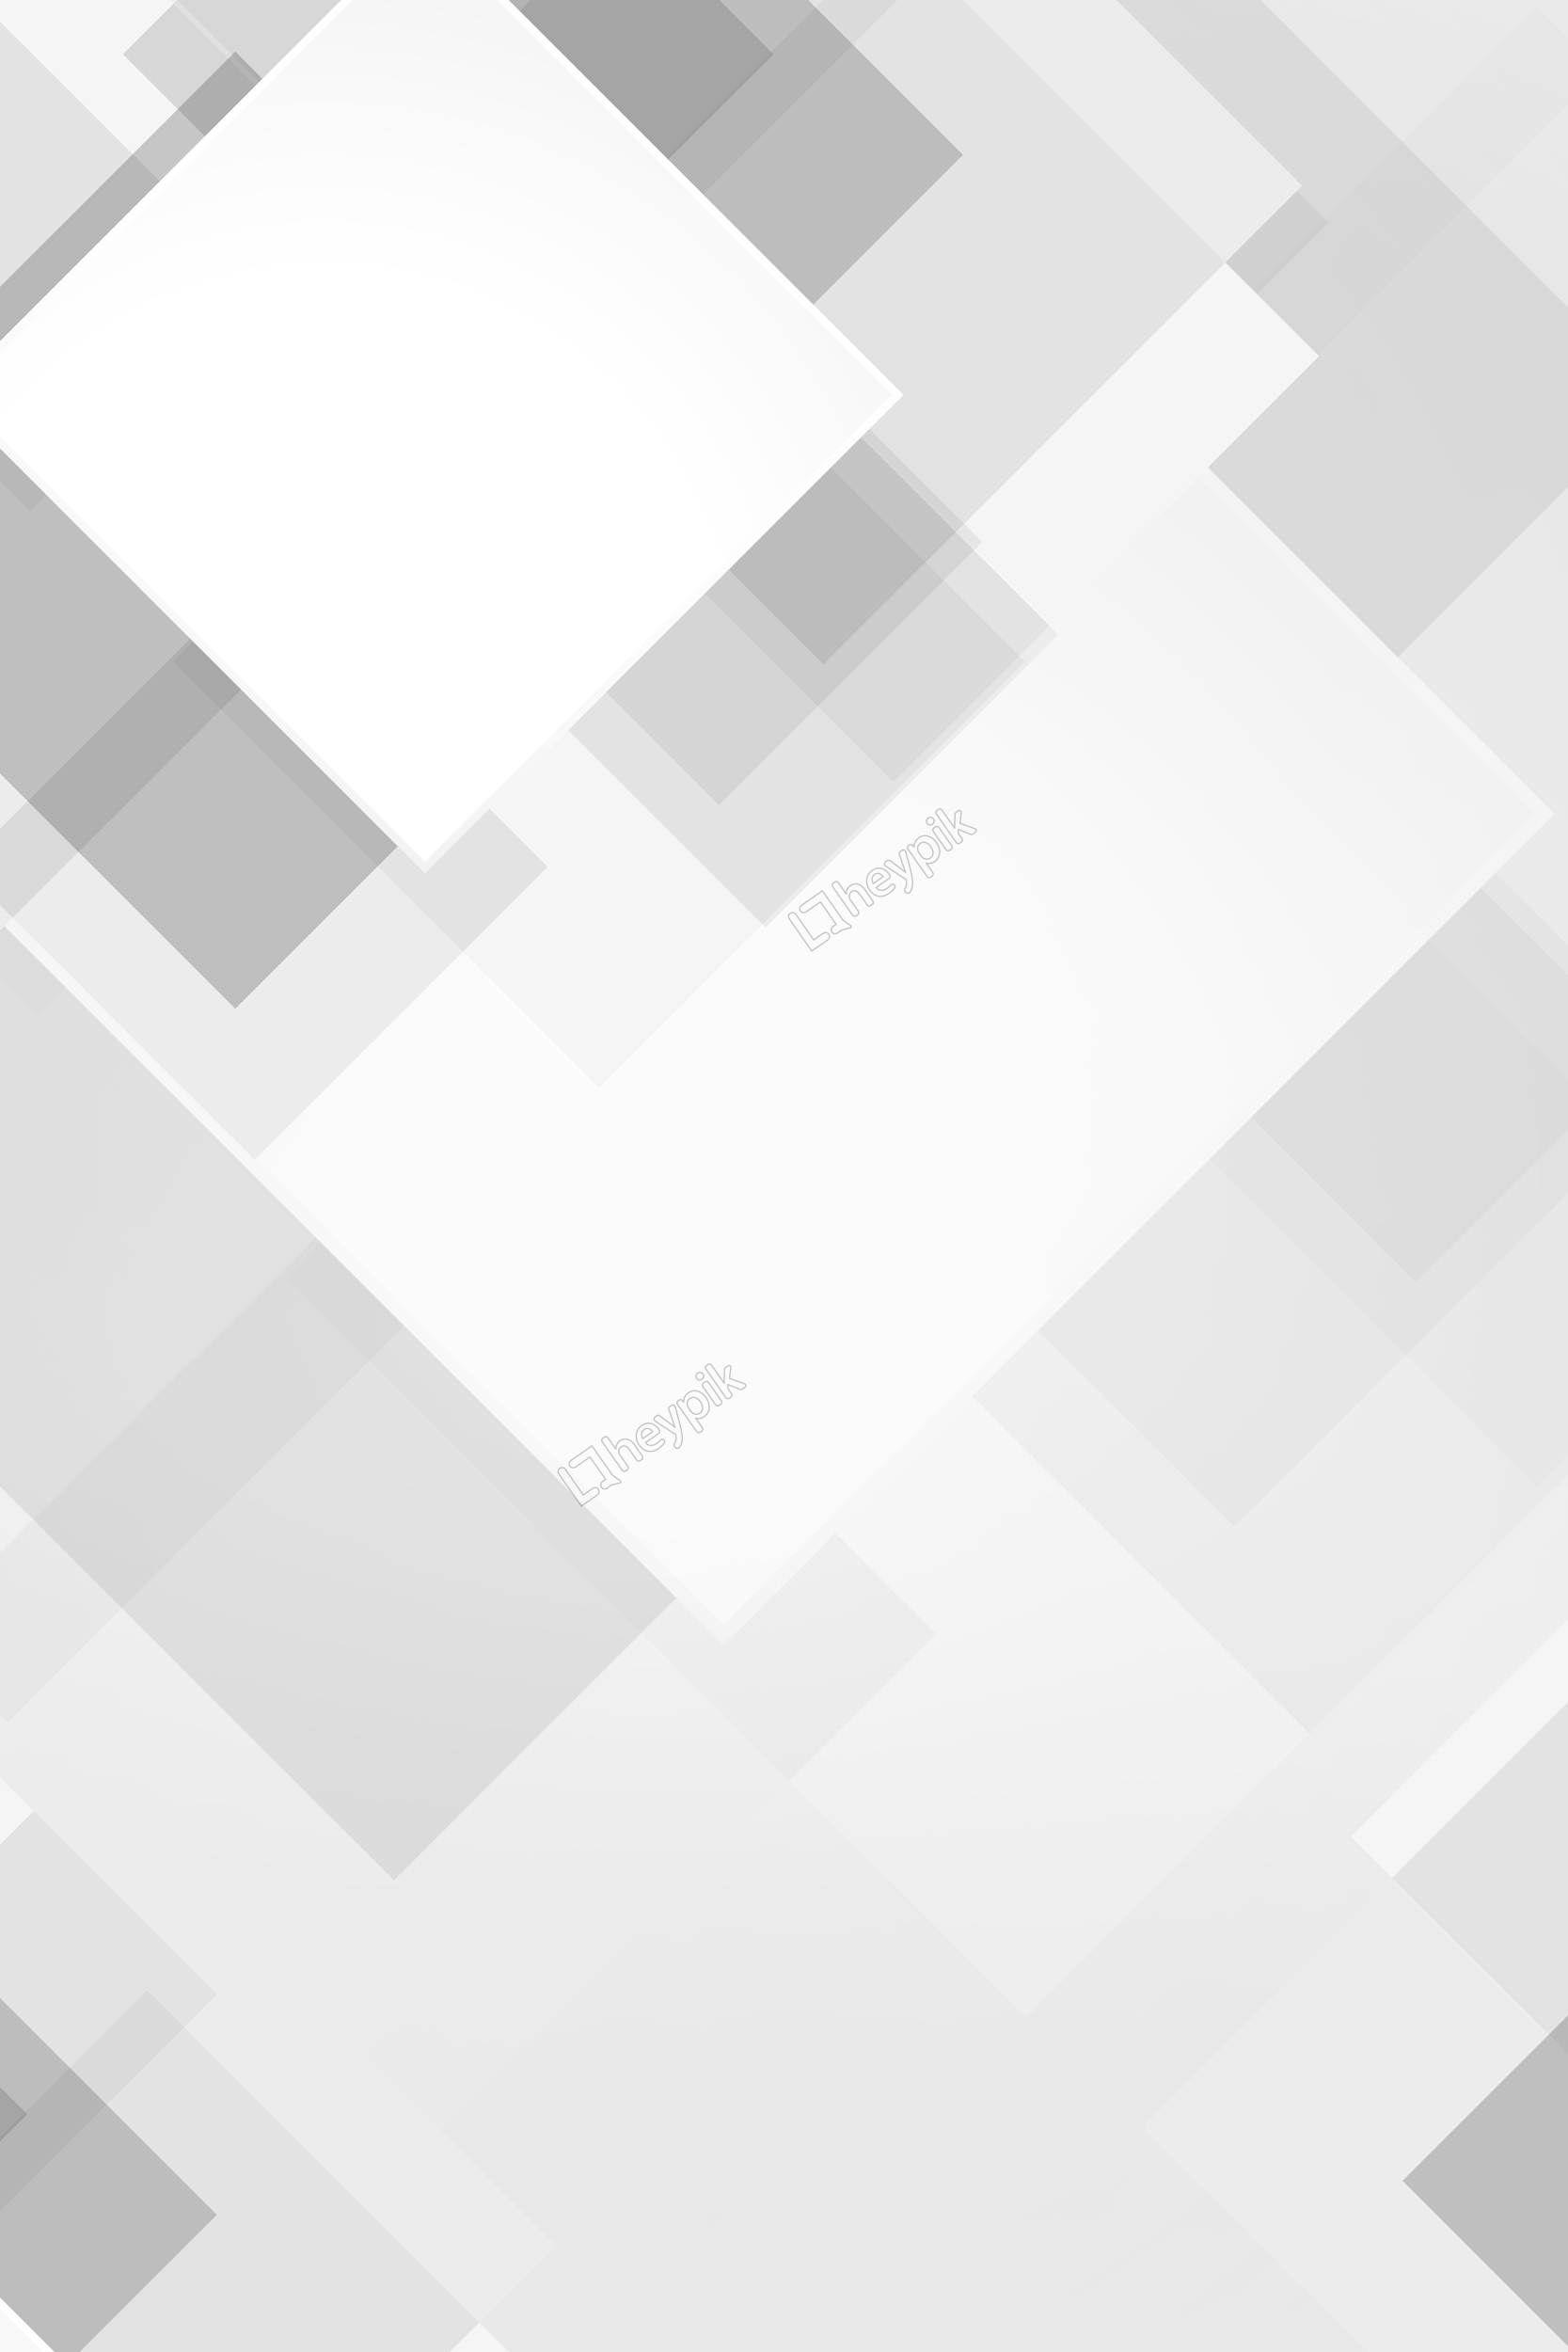 Negocio Fondo De Gris Geometria Vector Fondos Grises Fondos De Frutas Decoracion Moderna De Paredes